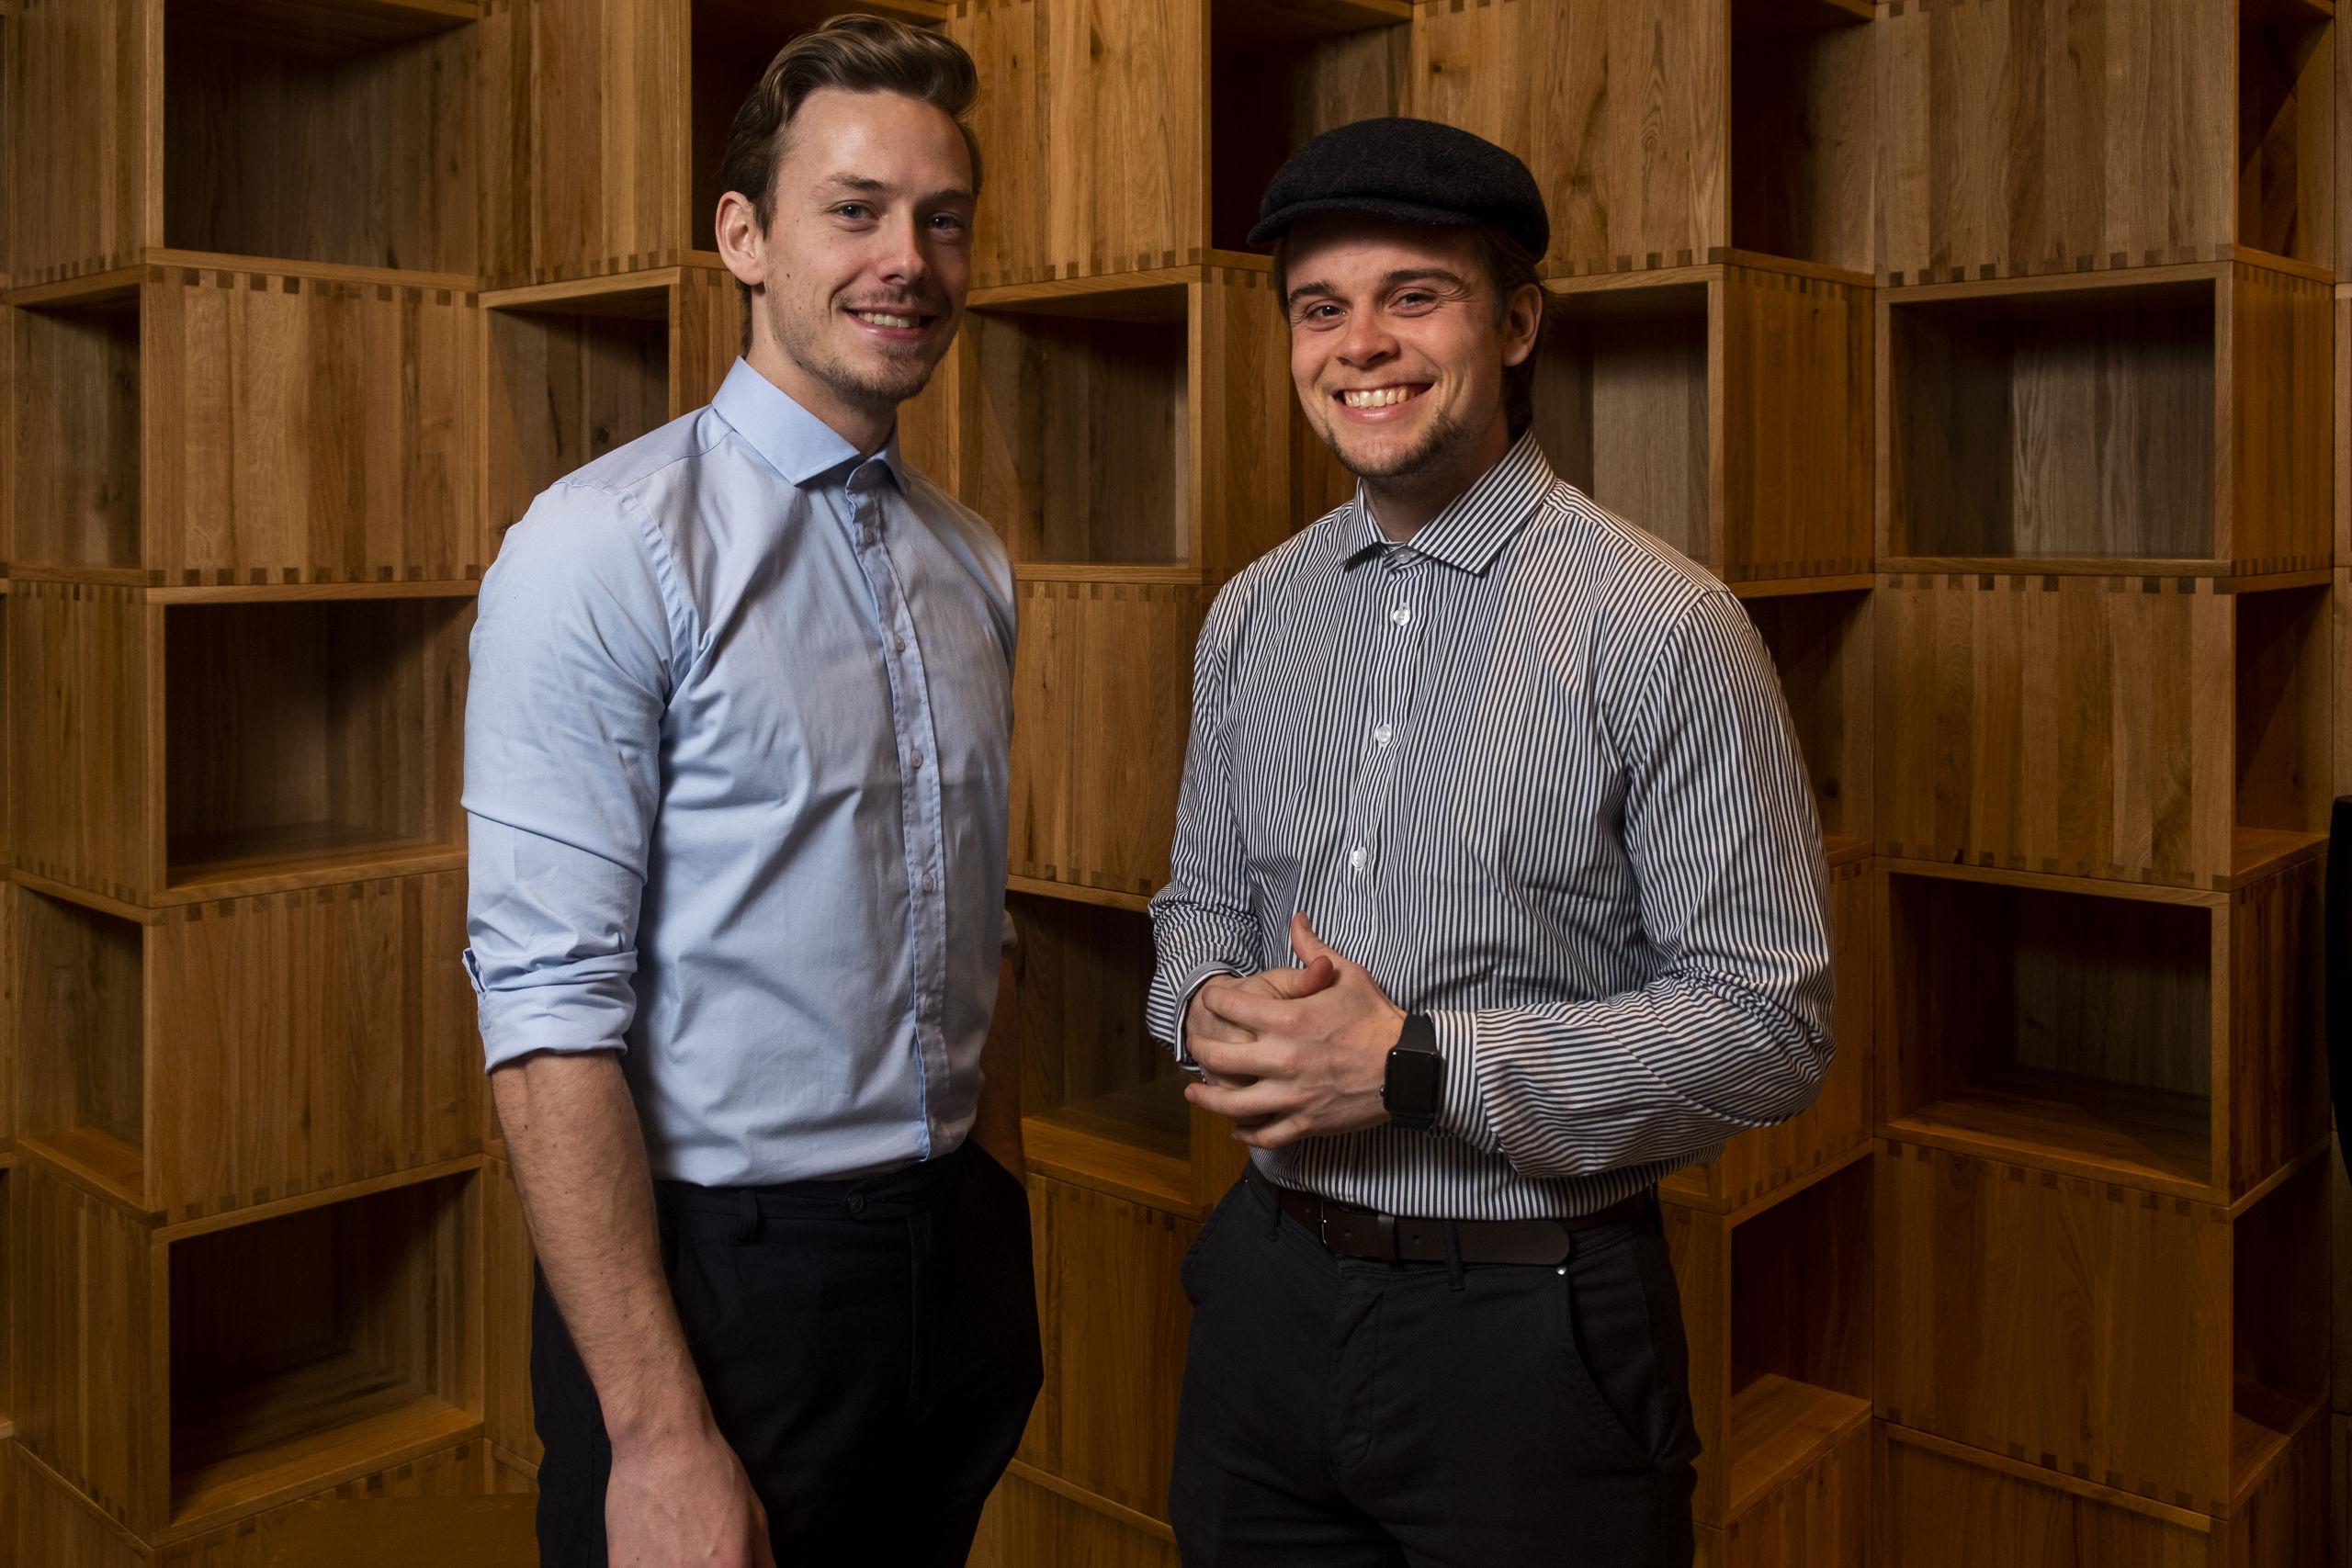 Christian Aachmann og Christoffer Bach glæder sig til at vise kunderne den nyrenoverede butik. Foto: Lasse Sand